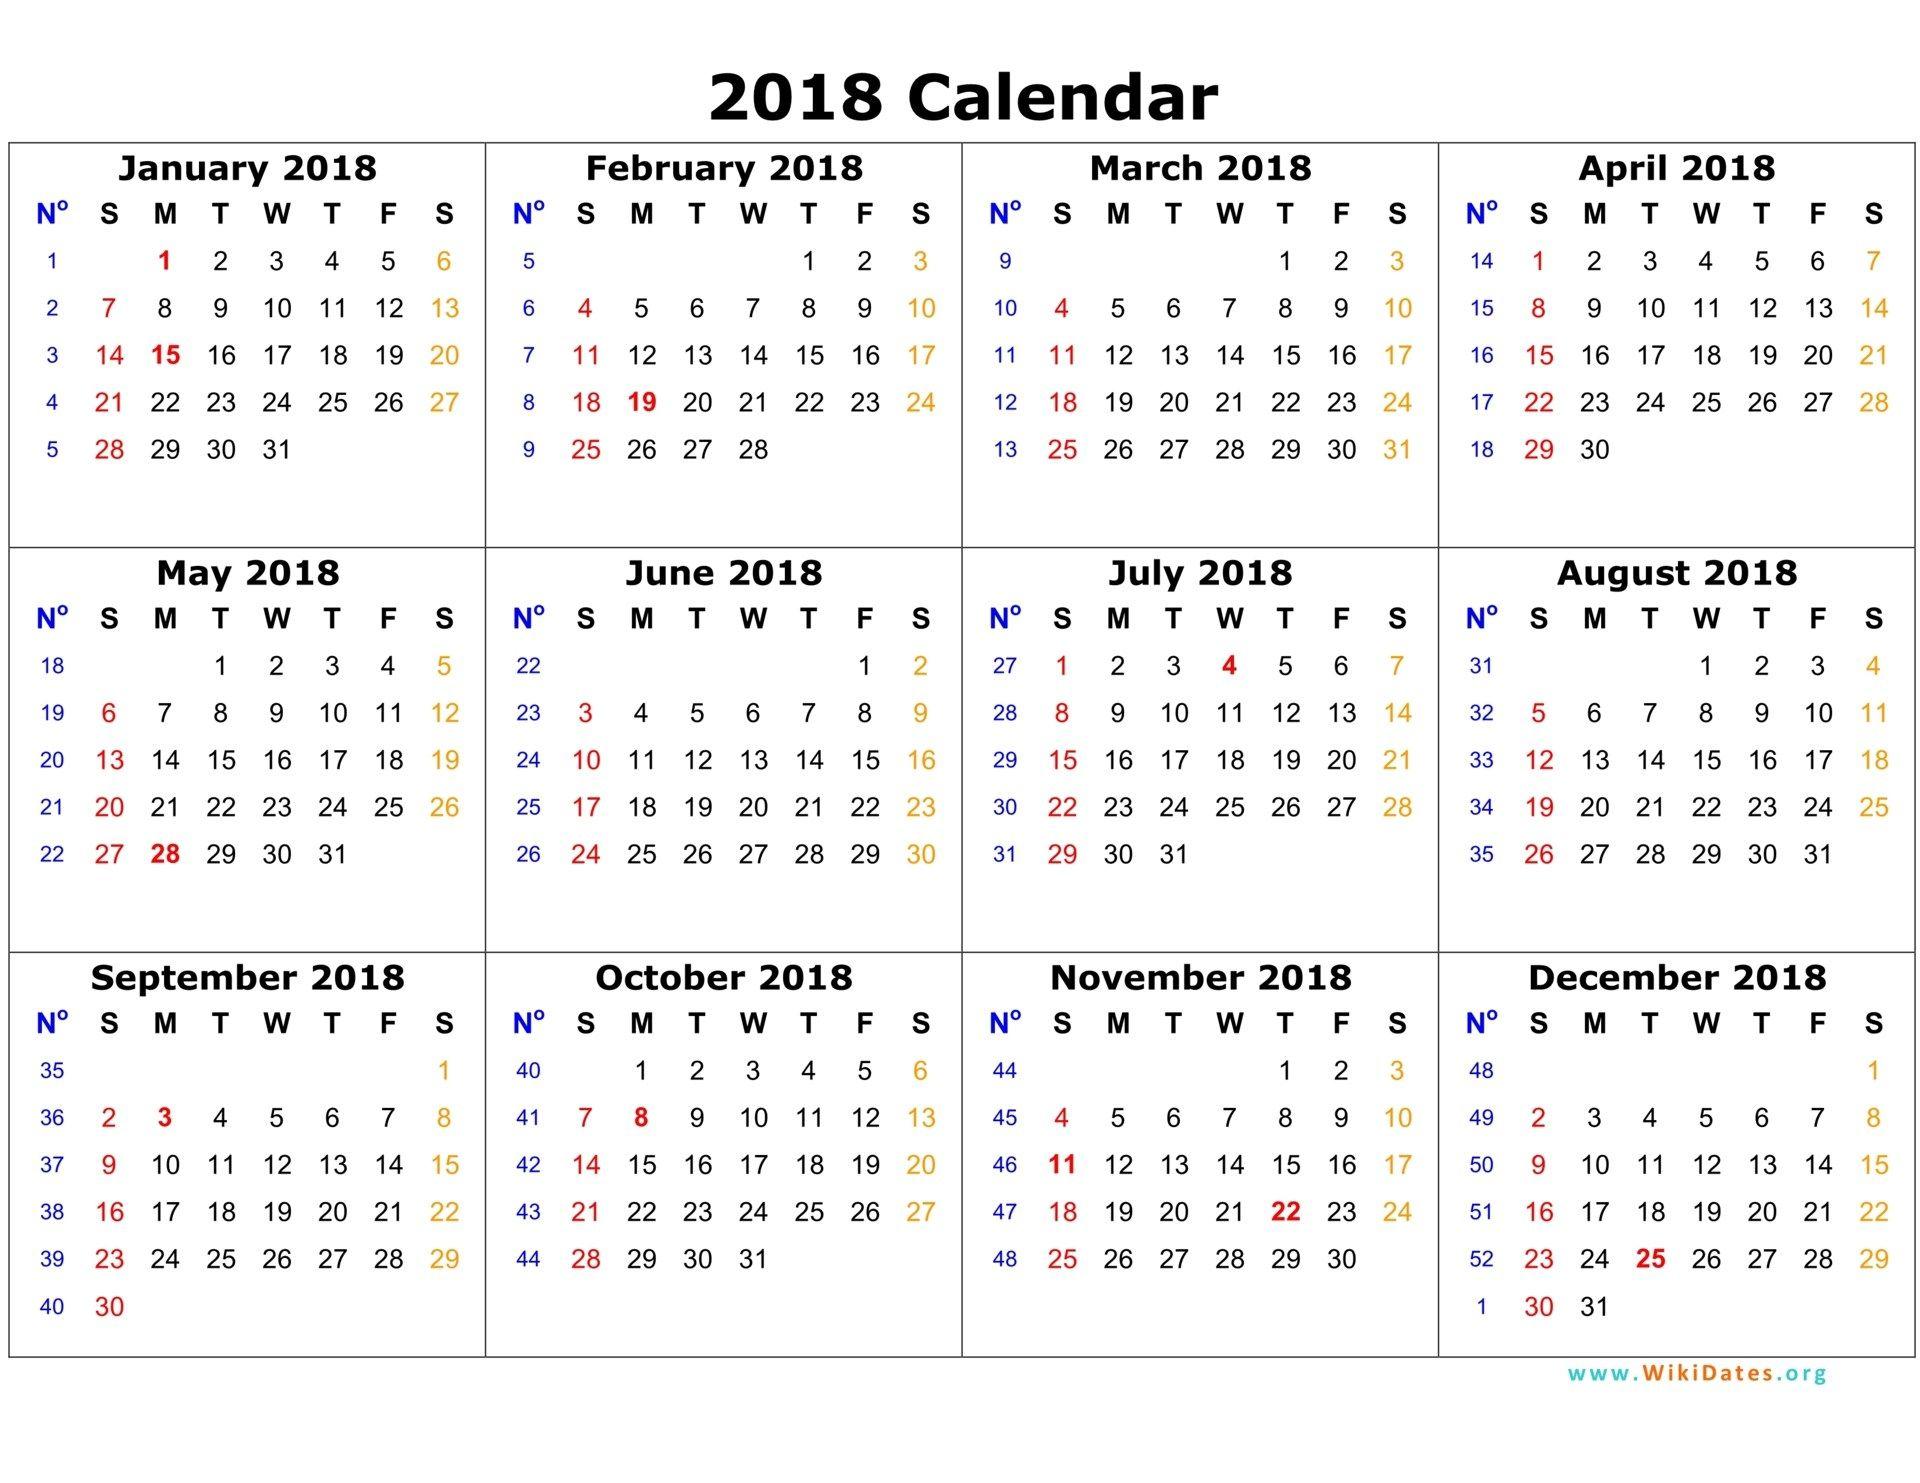 2018 Calendar Template 2018 Calendar Pinterest Calendar